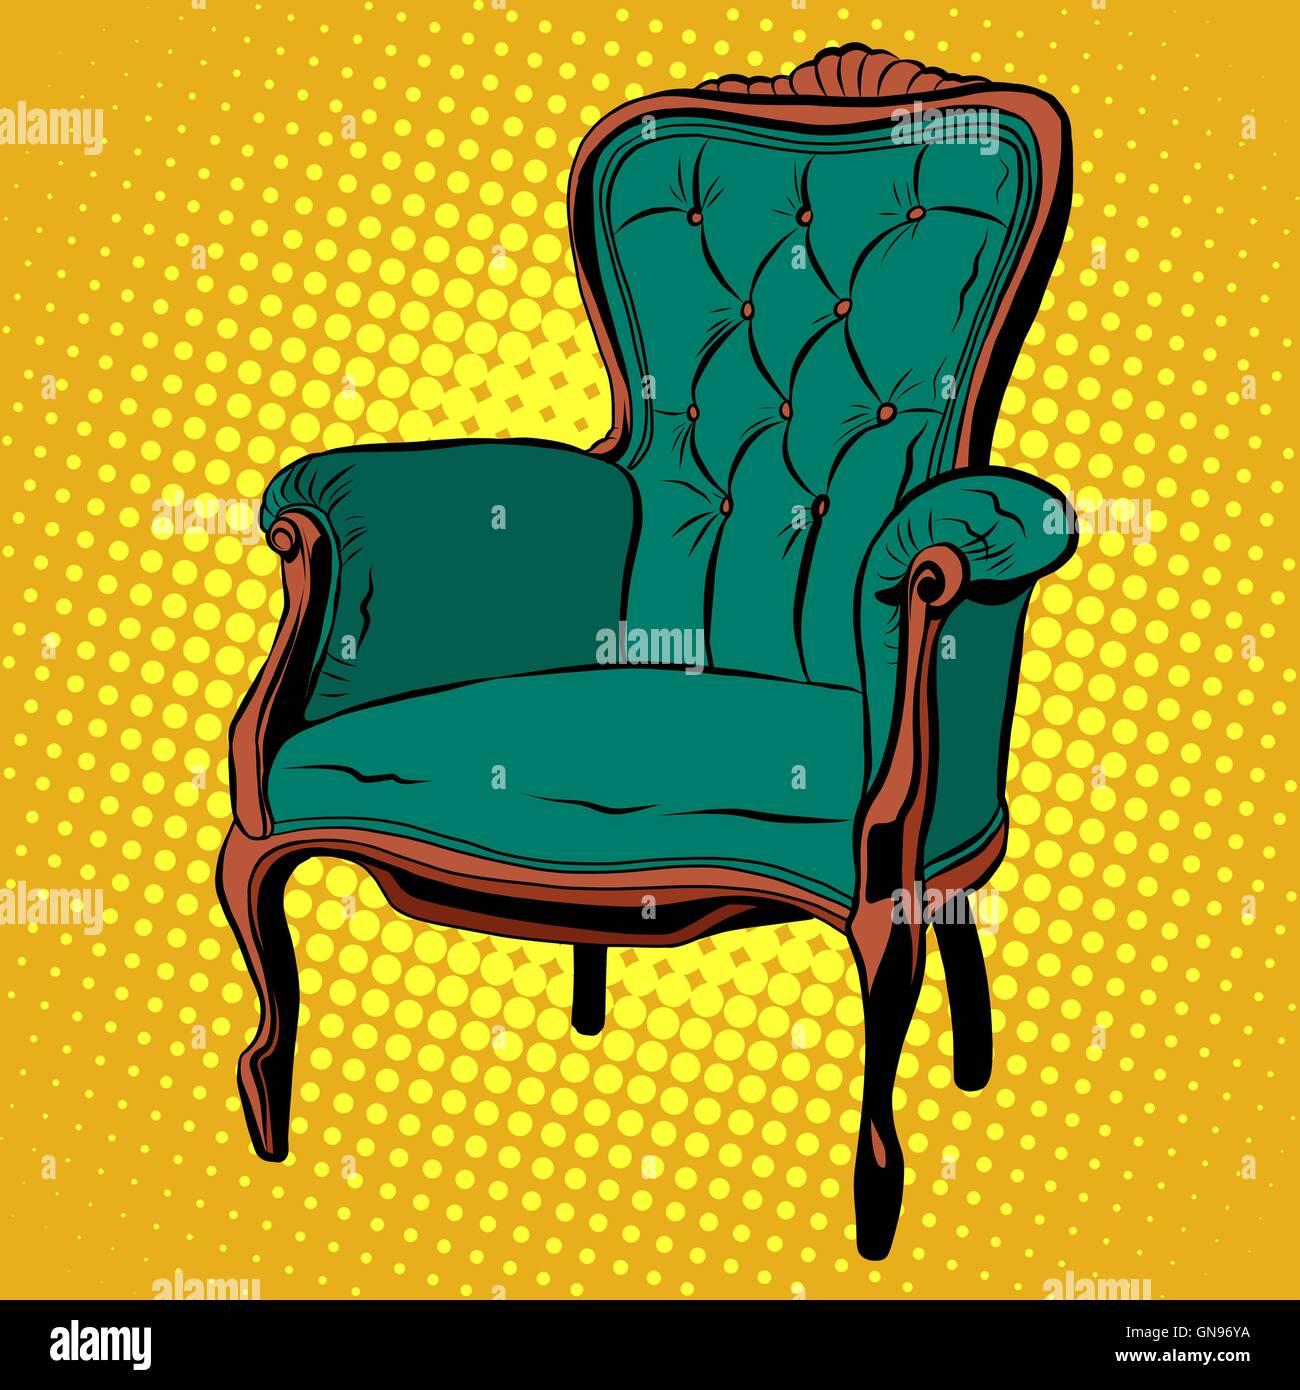 Grunen Weichen Stuhl Mobel Sessel Vektor Vektor Abbildung Bild